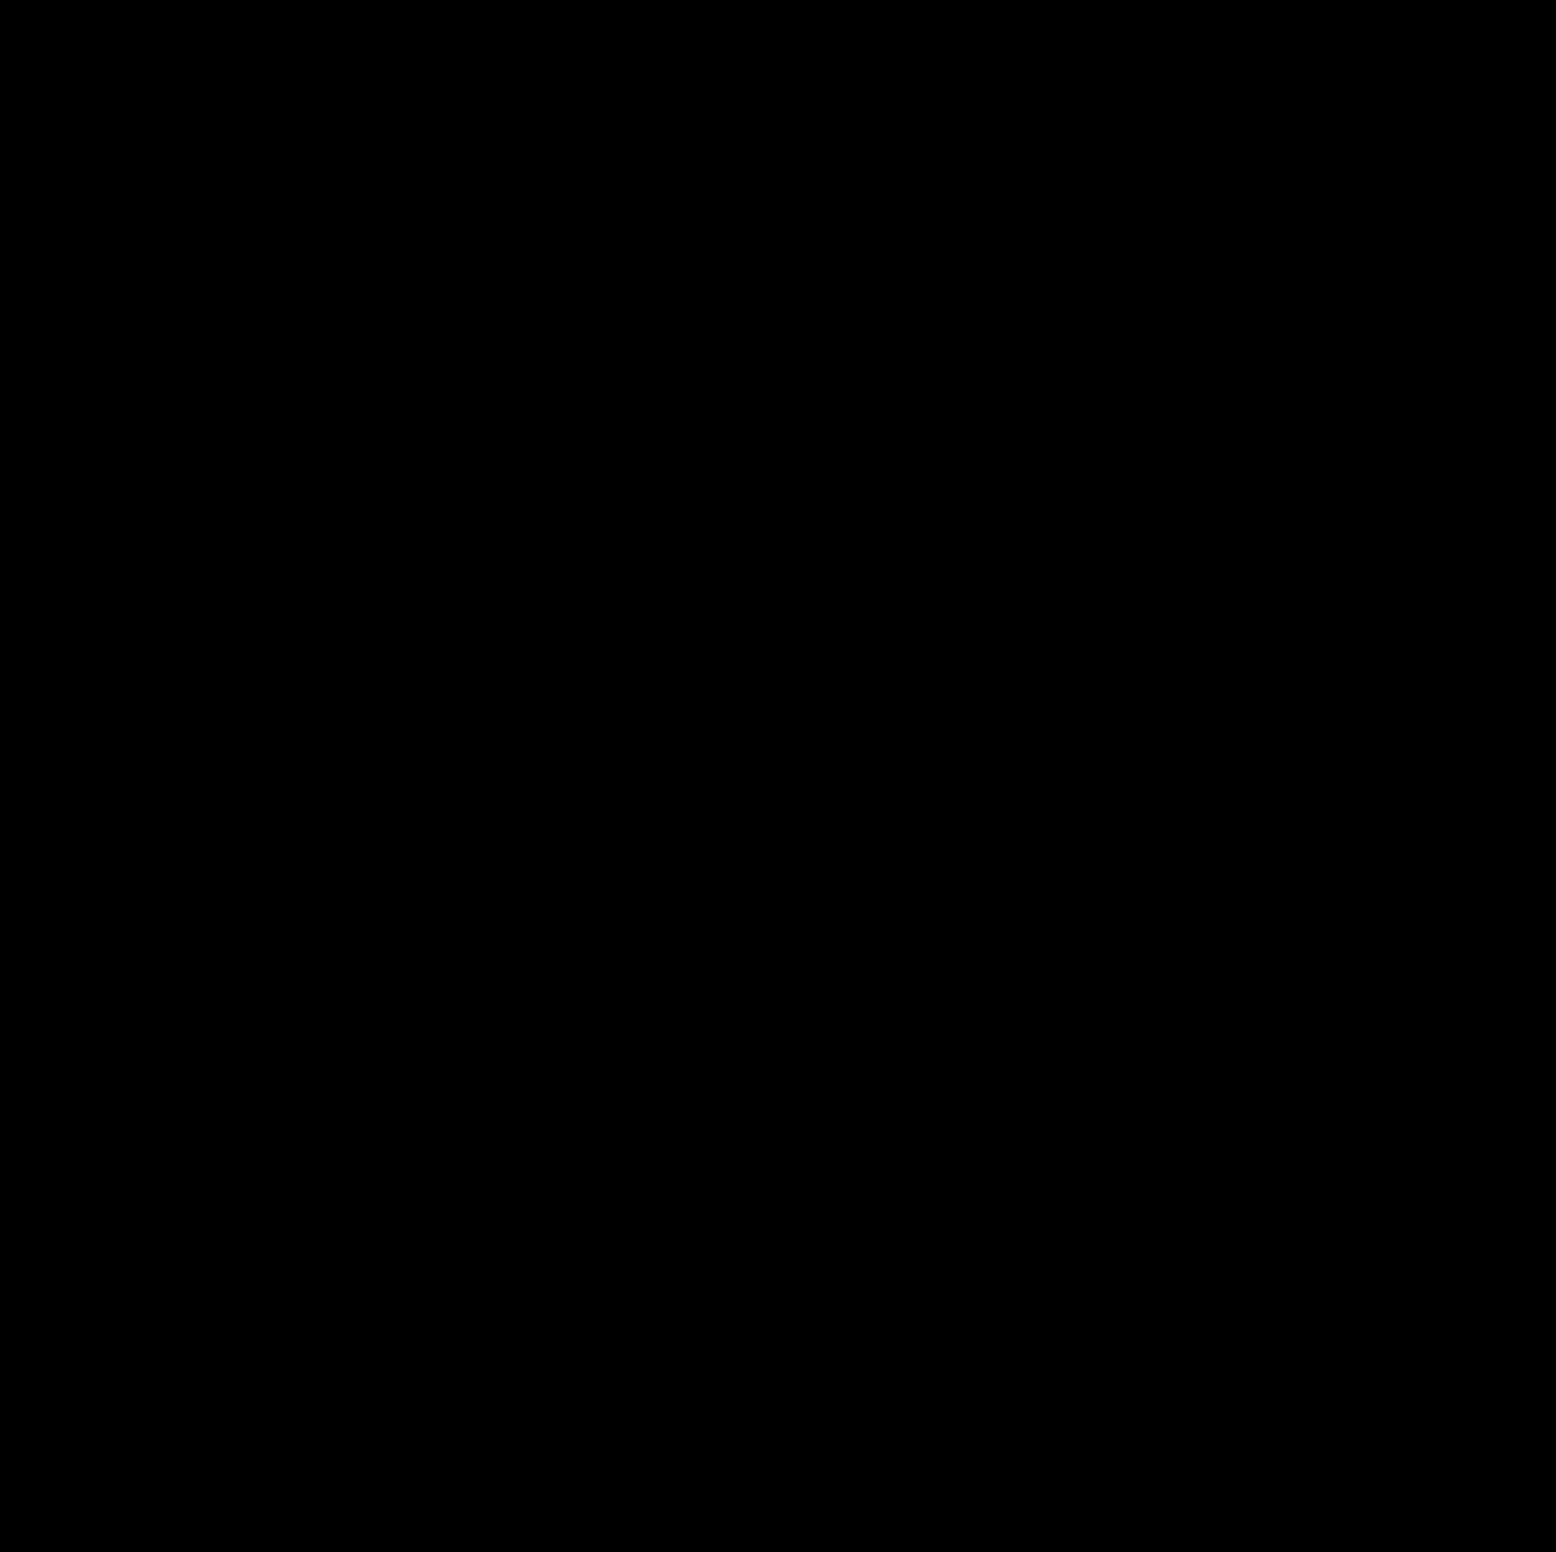 paveikslas1didelis